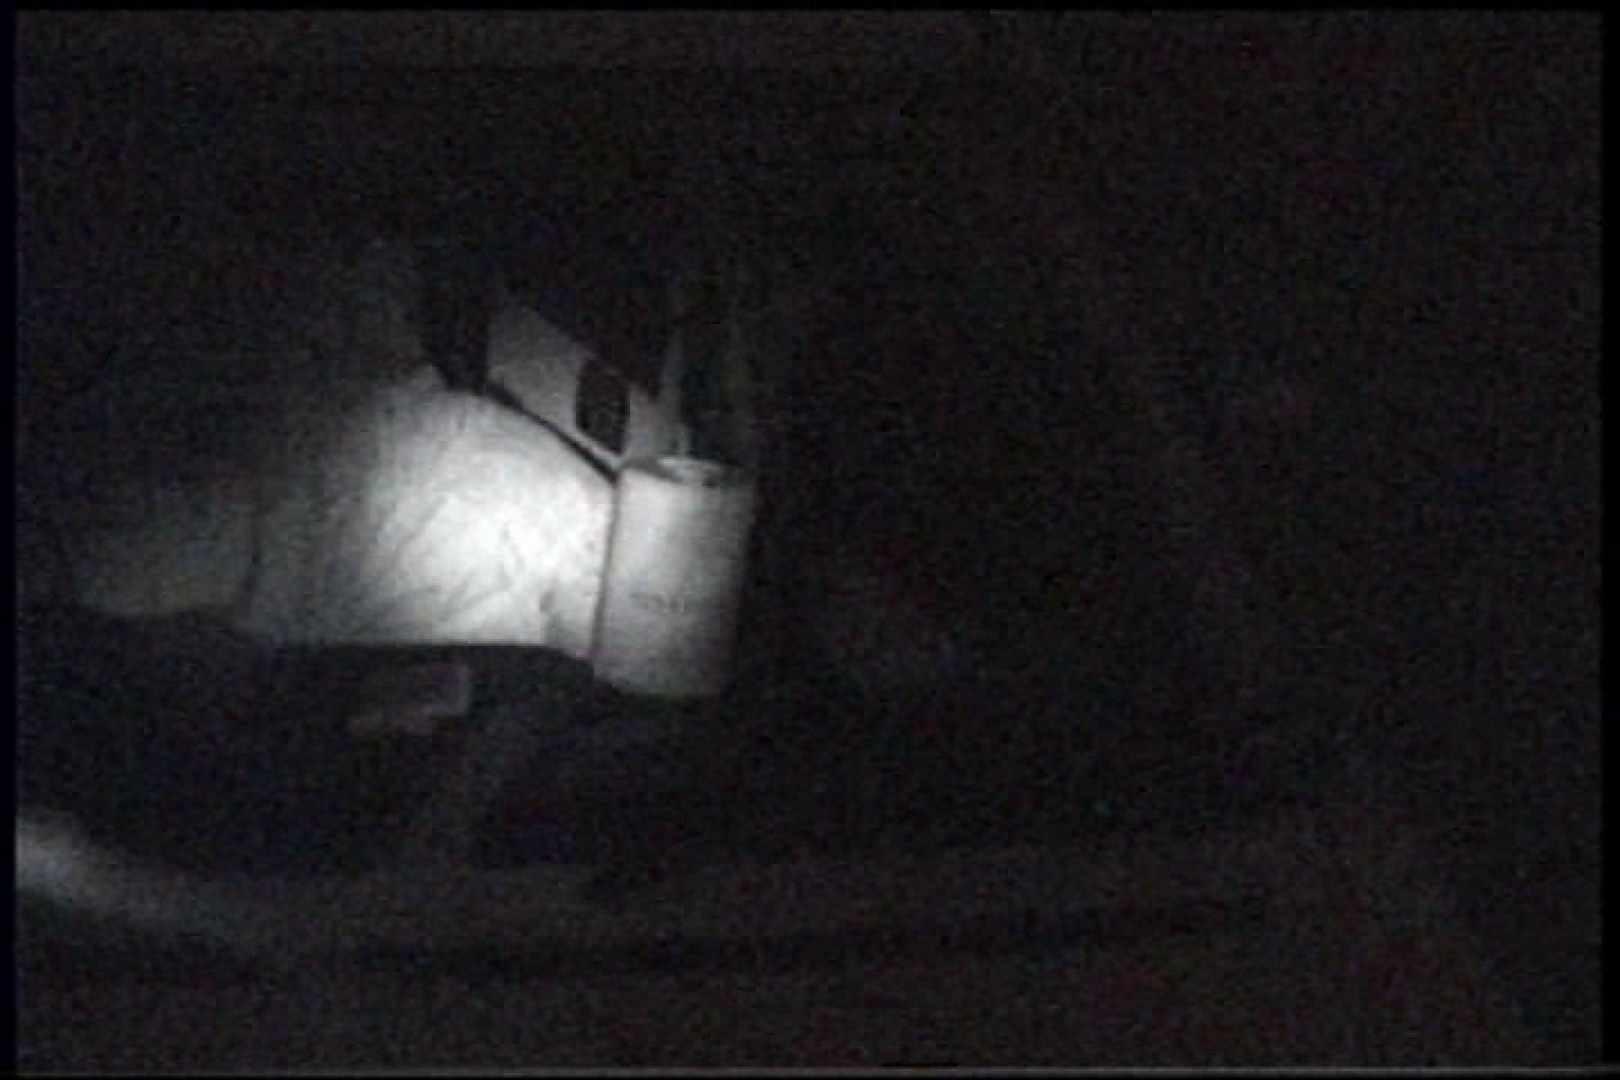 充血監督の深夜の運動会Vol.238 OLセックス | プライベート  60画像 53